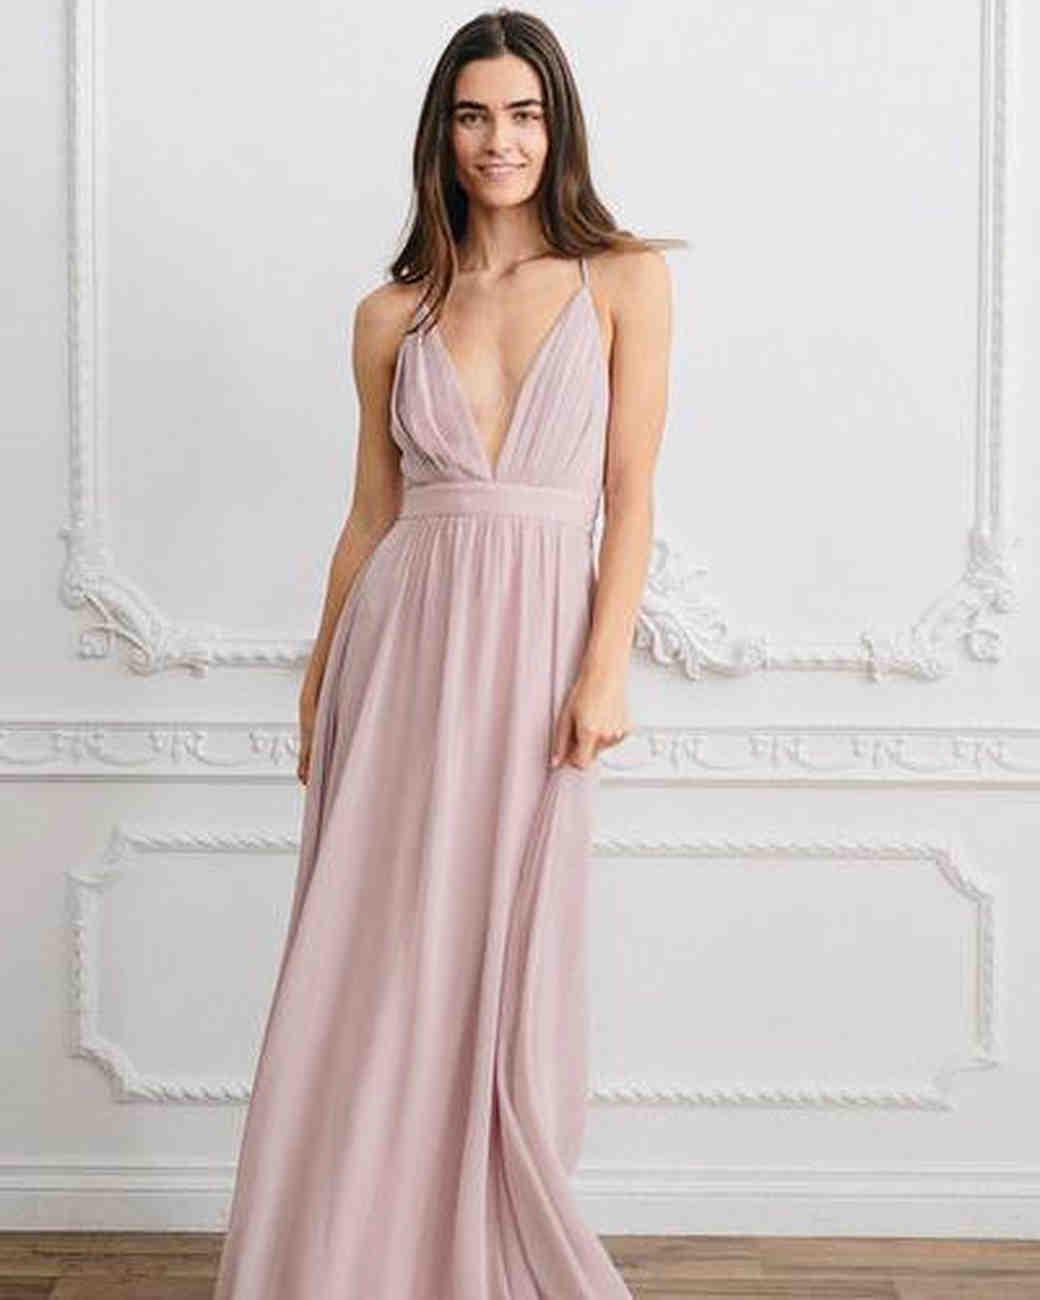 Spaghetti Strap Bridesmaids Dresses